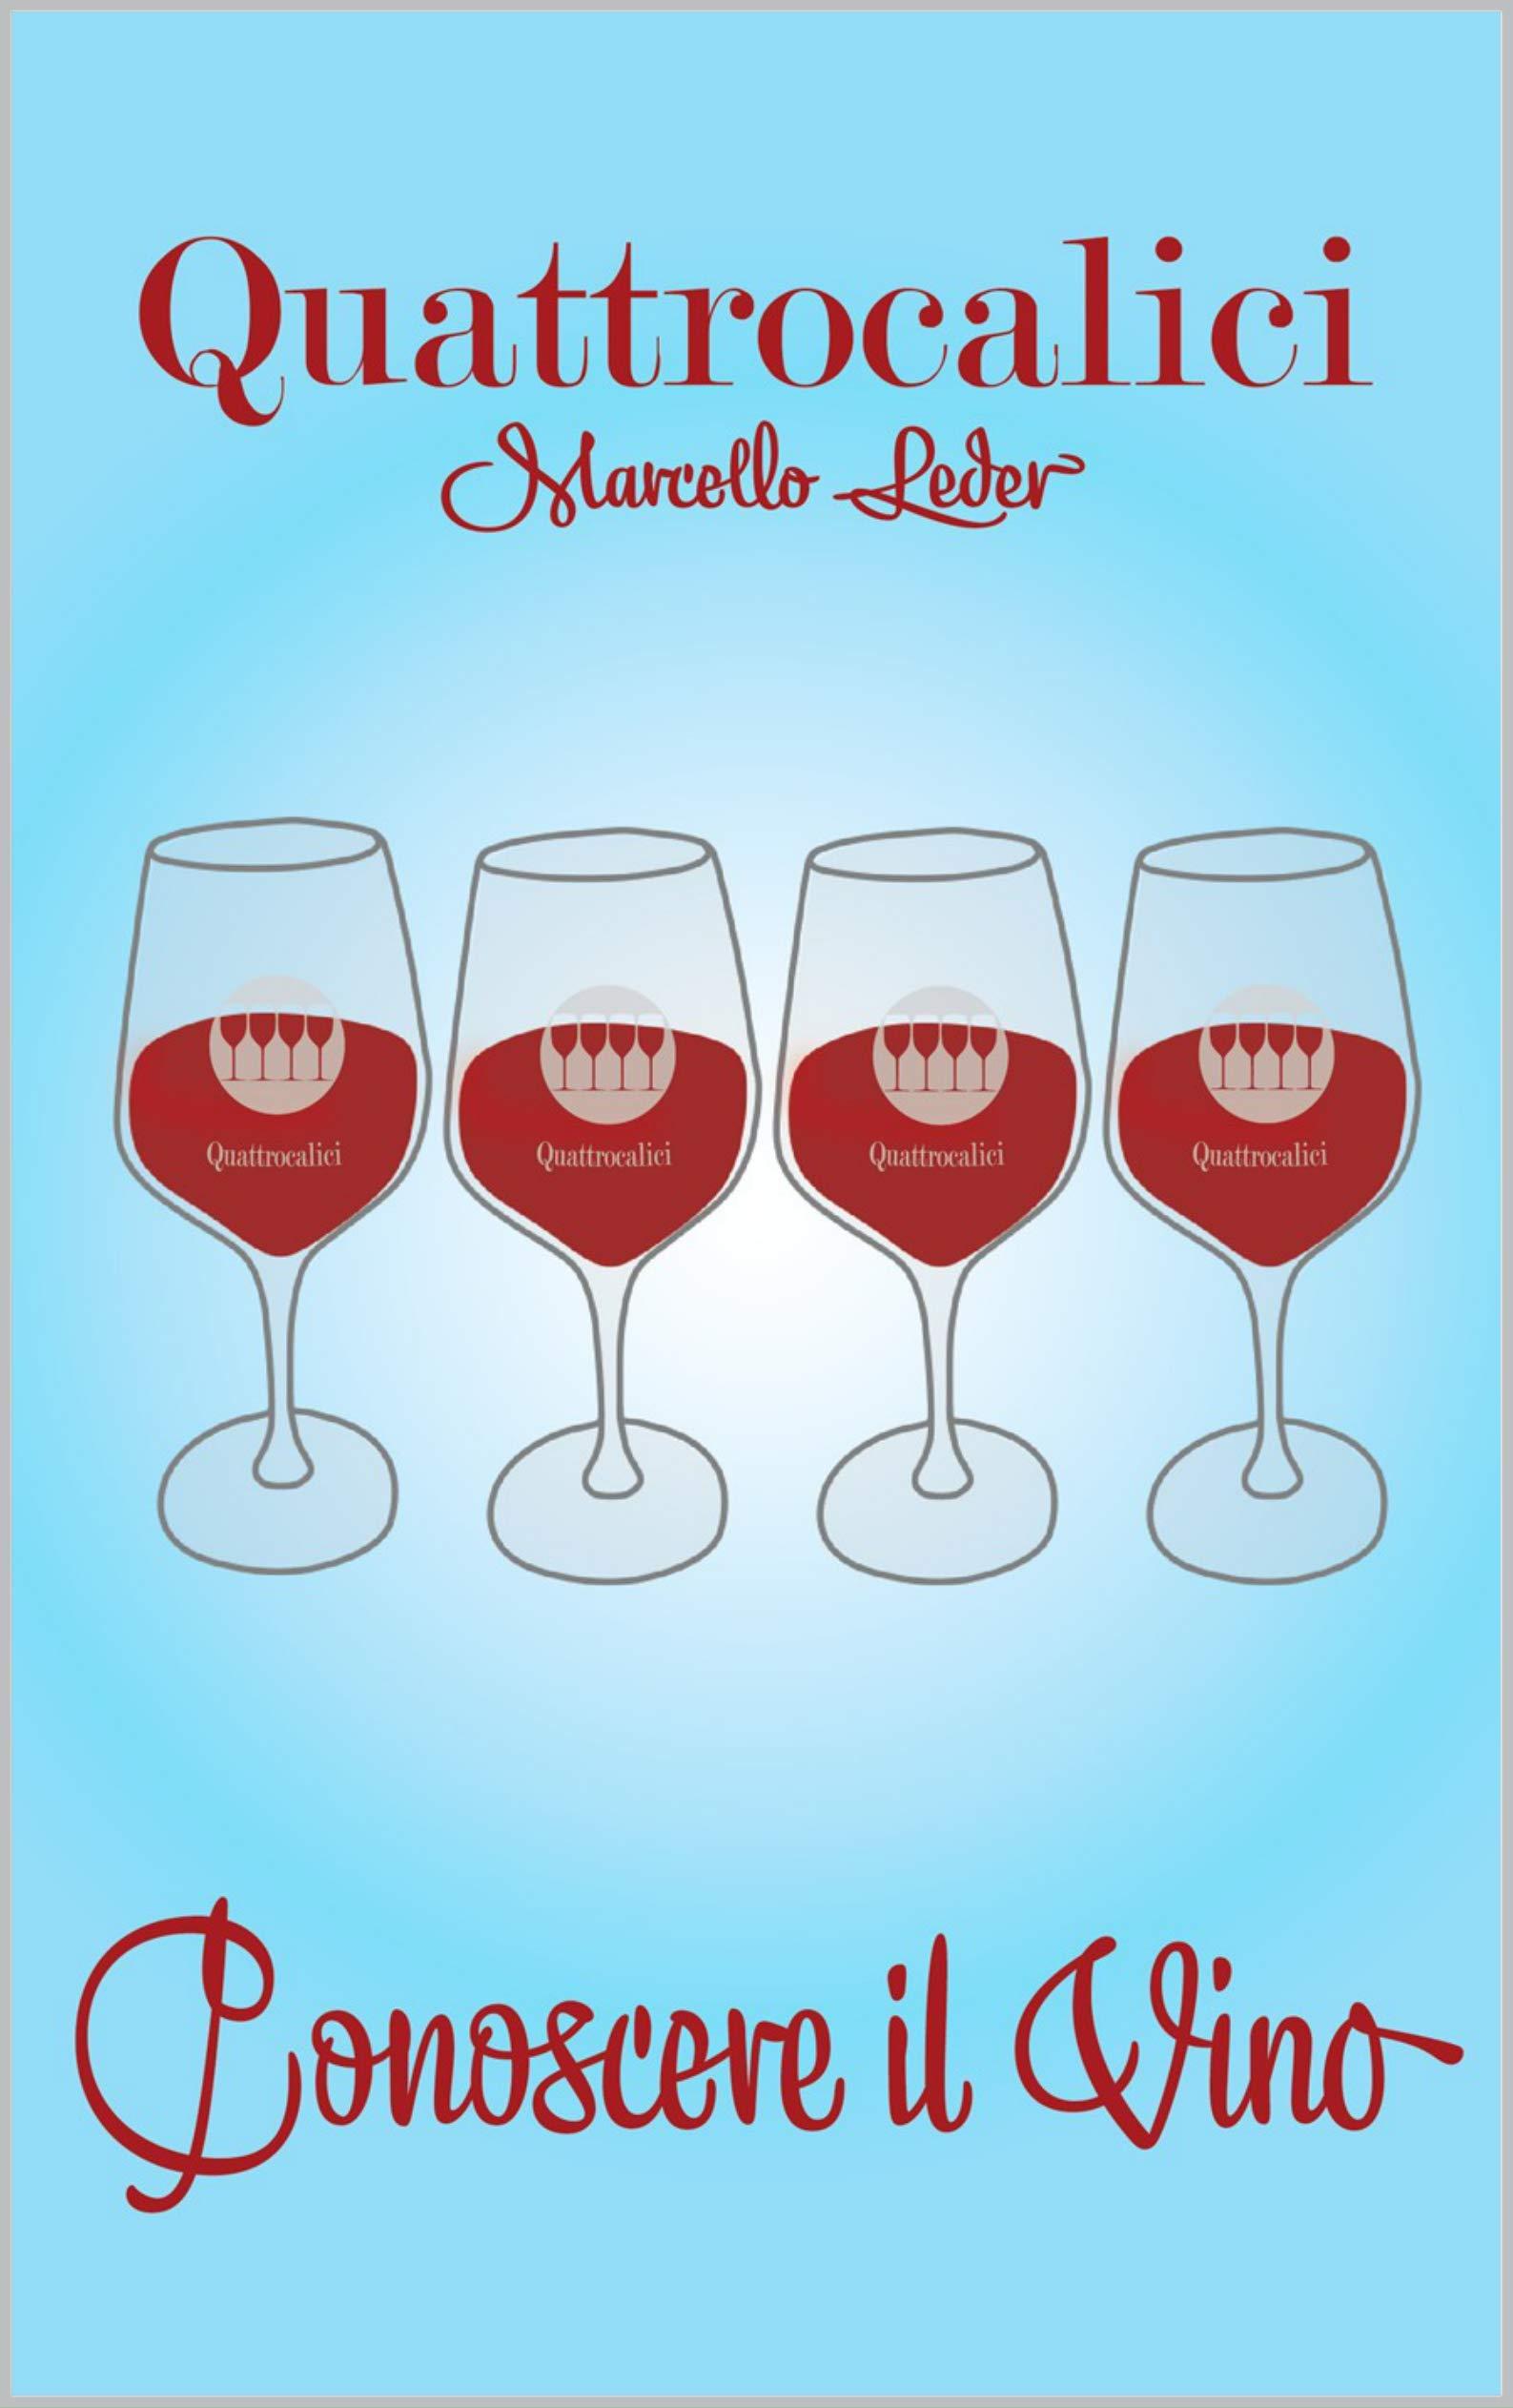 Quattrocalici - Conoscere il vino di Marcello Leder